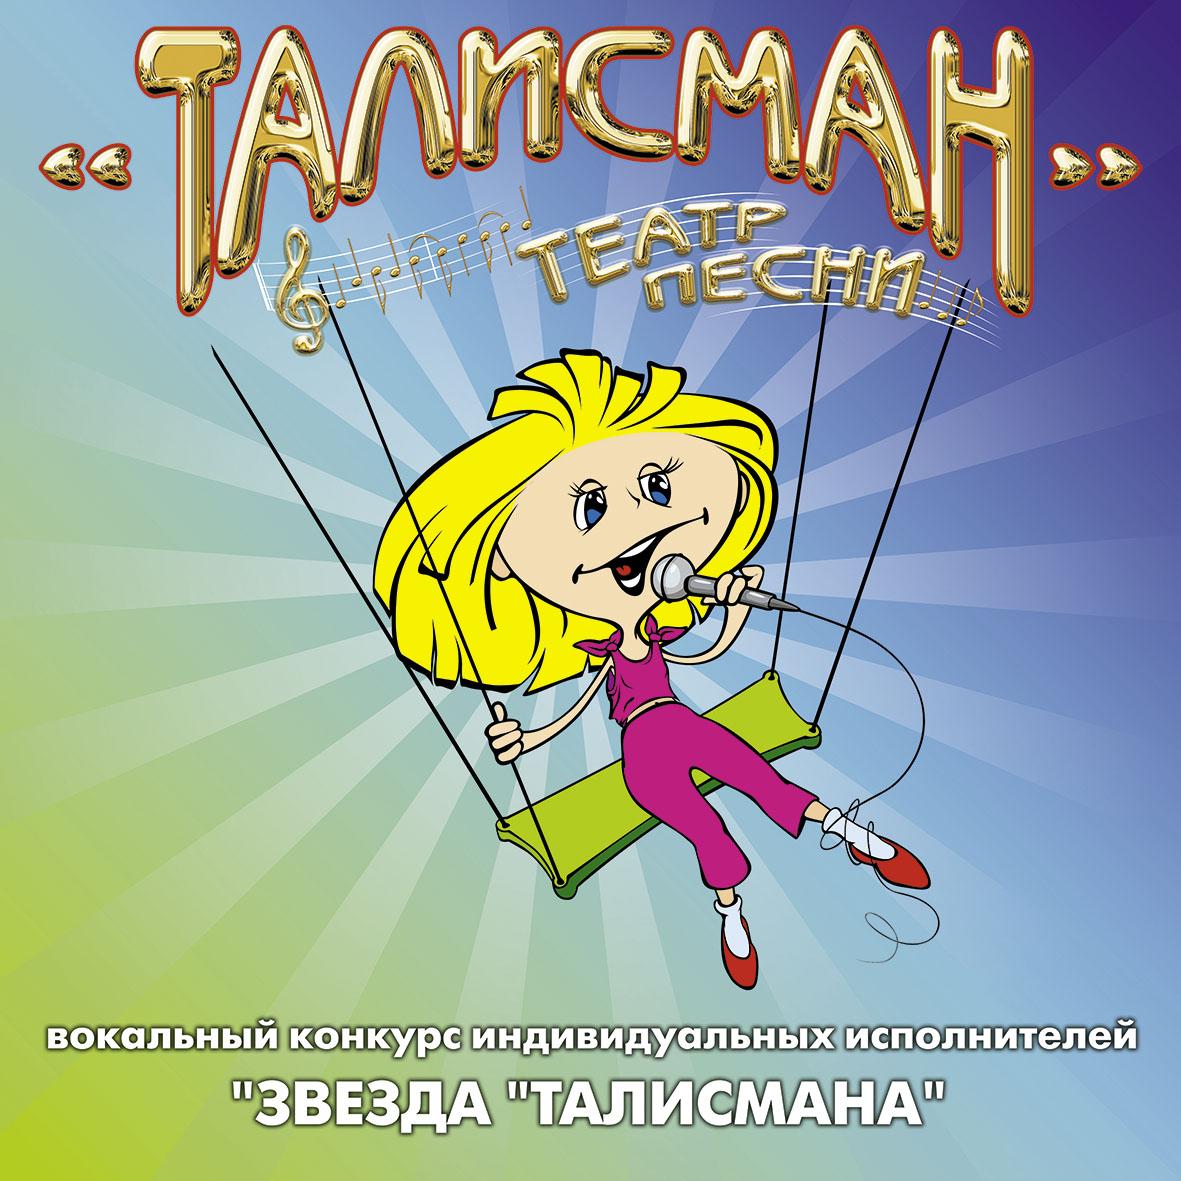 talisman_200x200-4